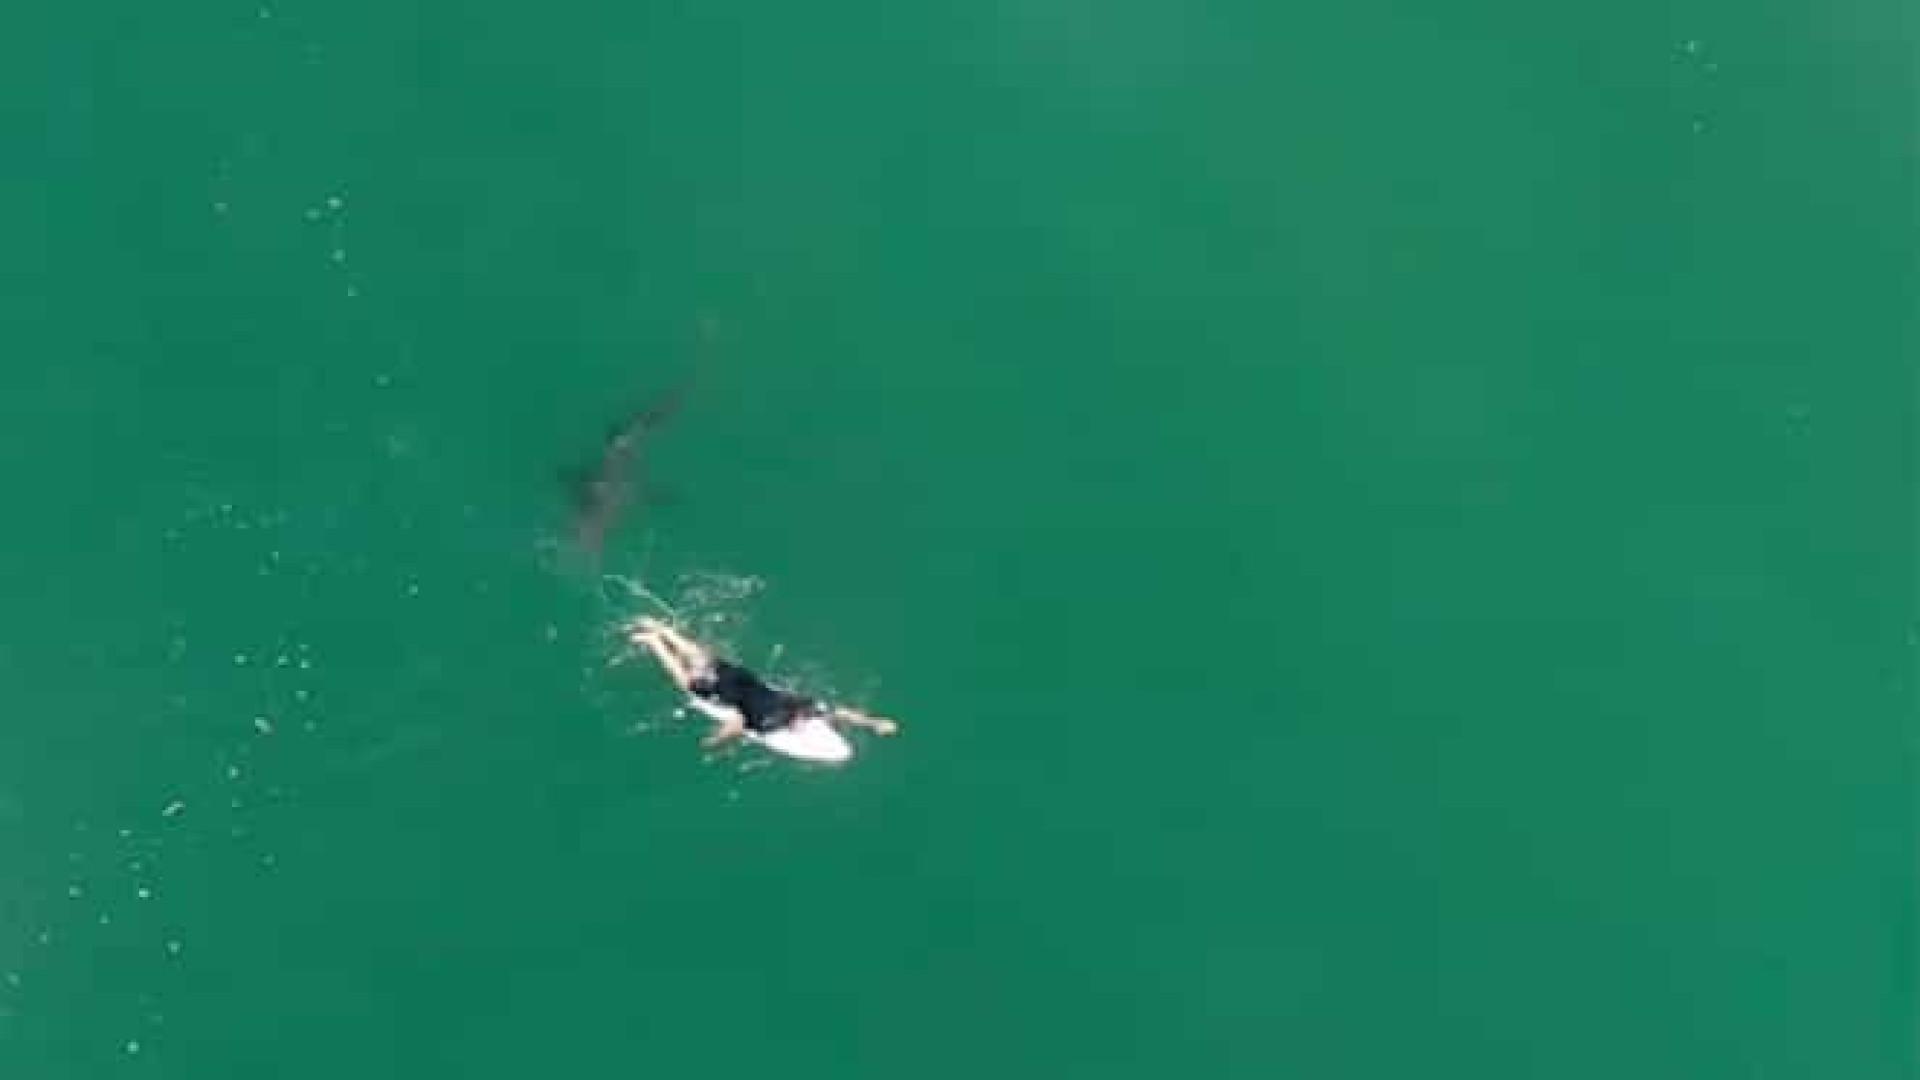 Drone 'salva' vida de surfista ao detectar um tubarão branco na água